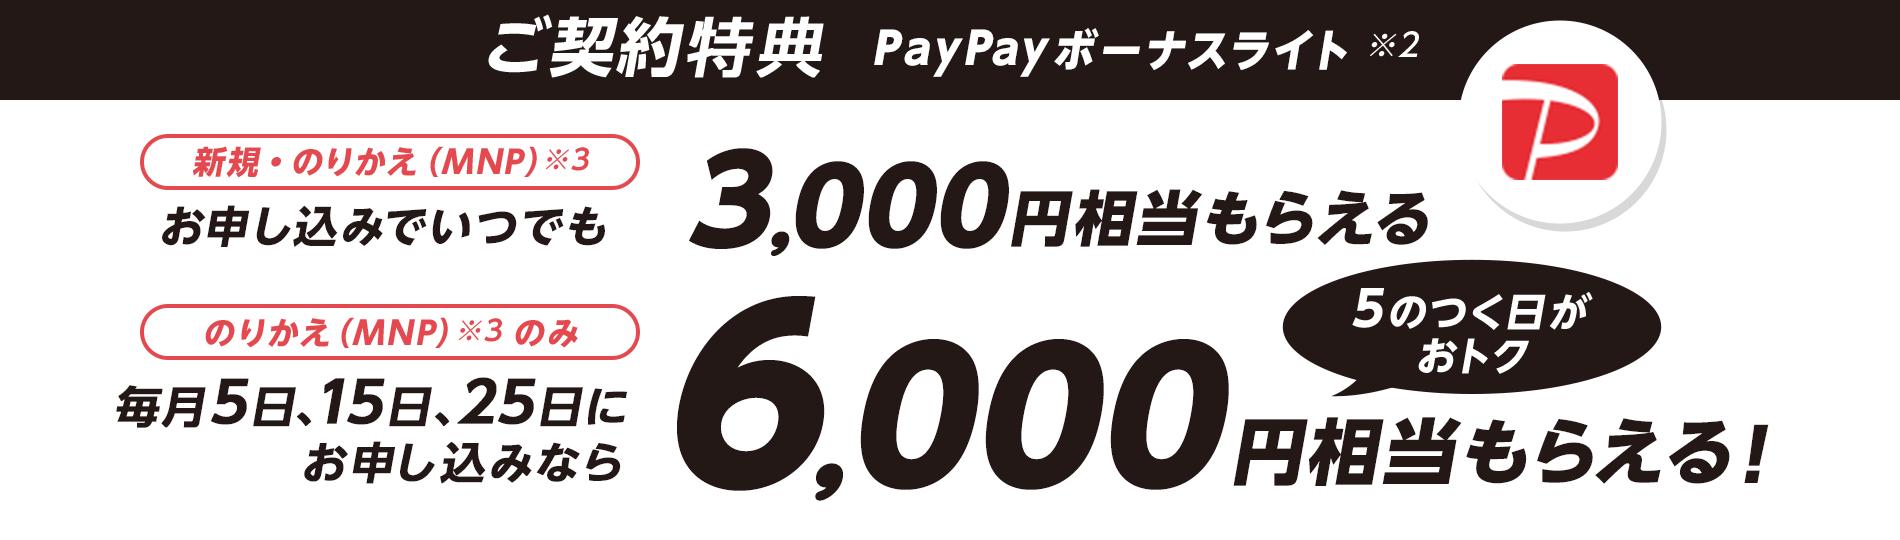 ご契約特典 PayPayボーナスライト※2 新規・のりかえ(MNP)※3 お申し込みでいつでも3,000円相当もらえる のりかえ(MNP)※3 のみ 毎月5日、15日、25日にお申し込みなら6,000円相当もらえる! 5のつく日がおトク